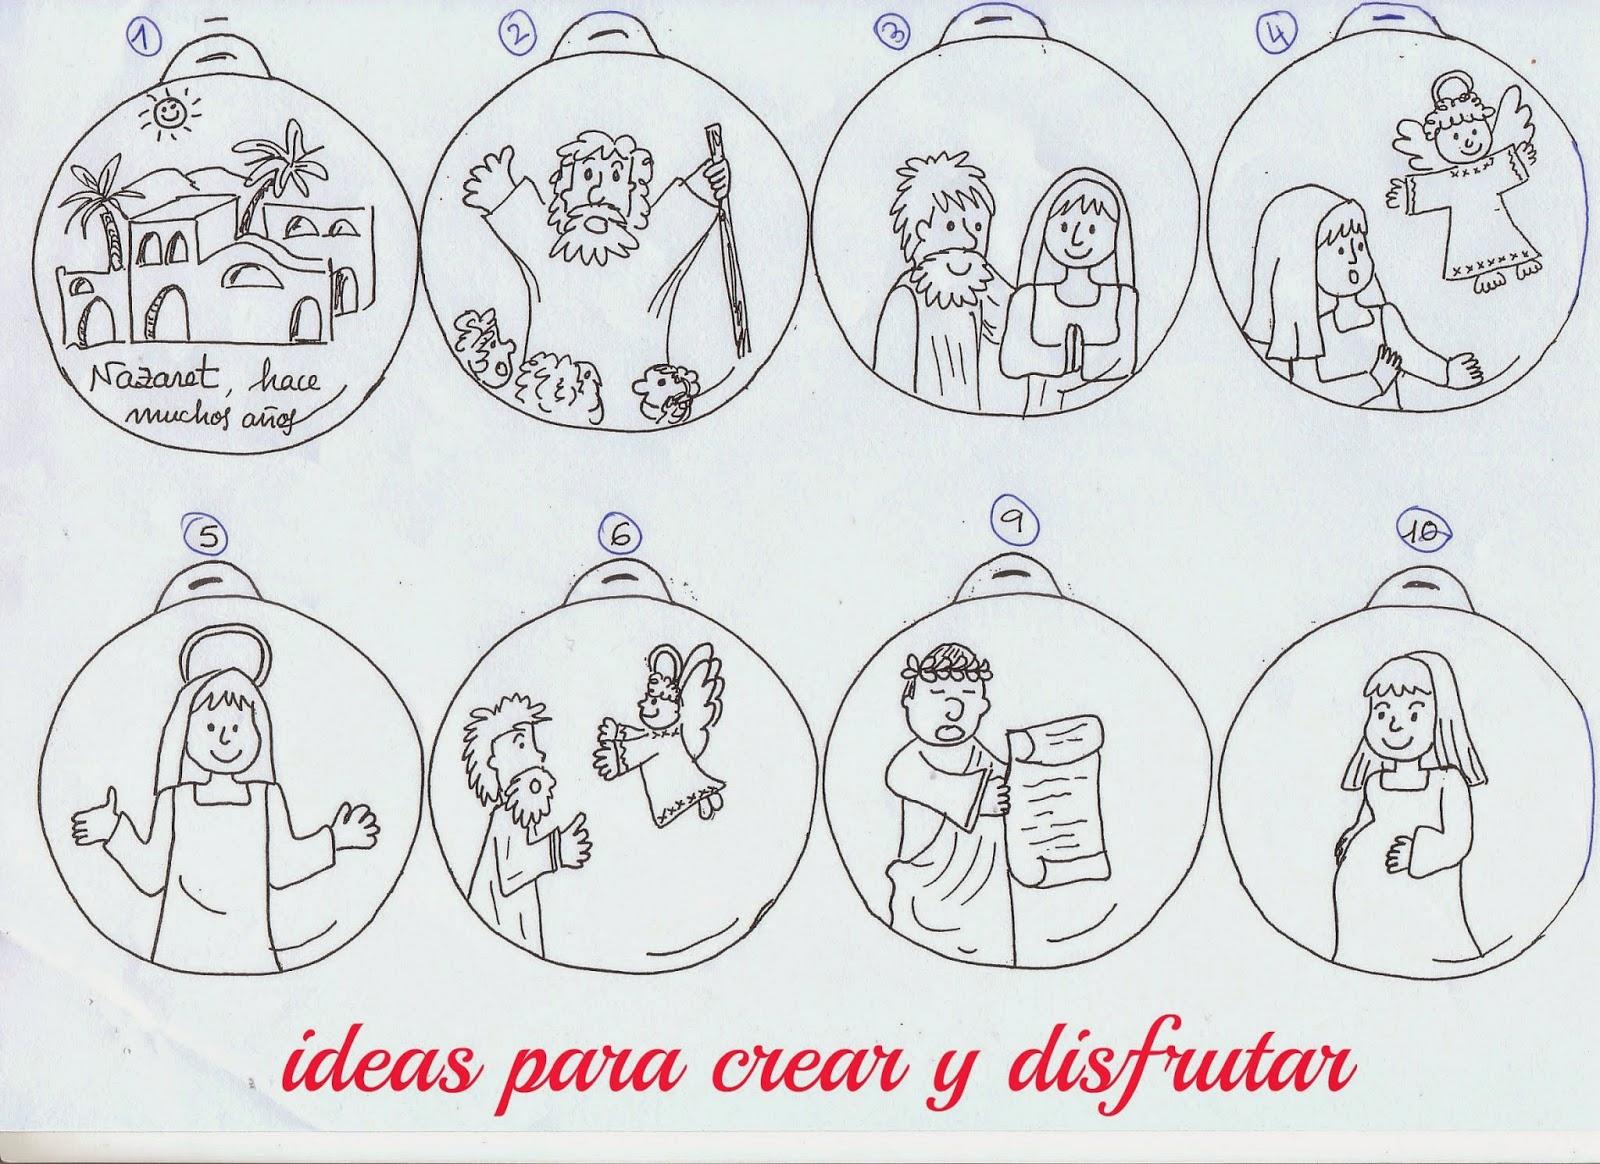 Ideas De Dibujos De Navidad.Ideas Para Crear Y Disfrutar Calendario De Adviento Con